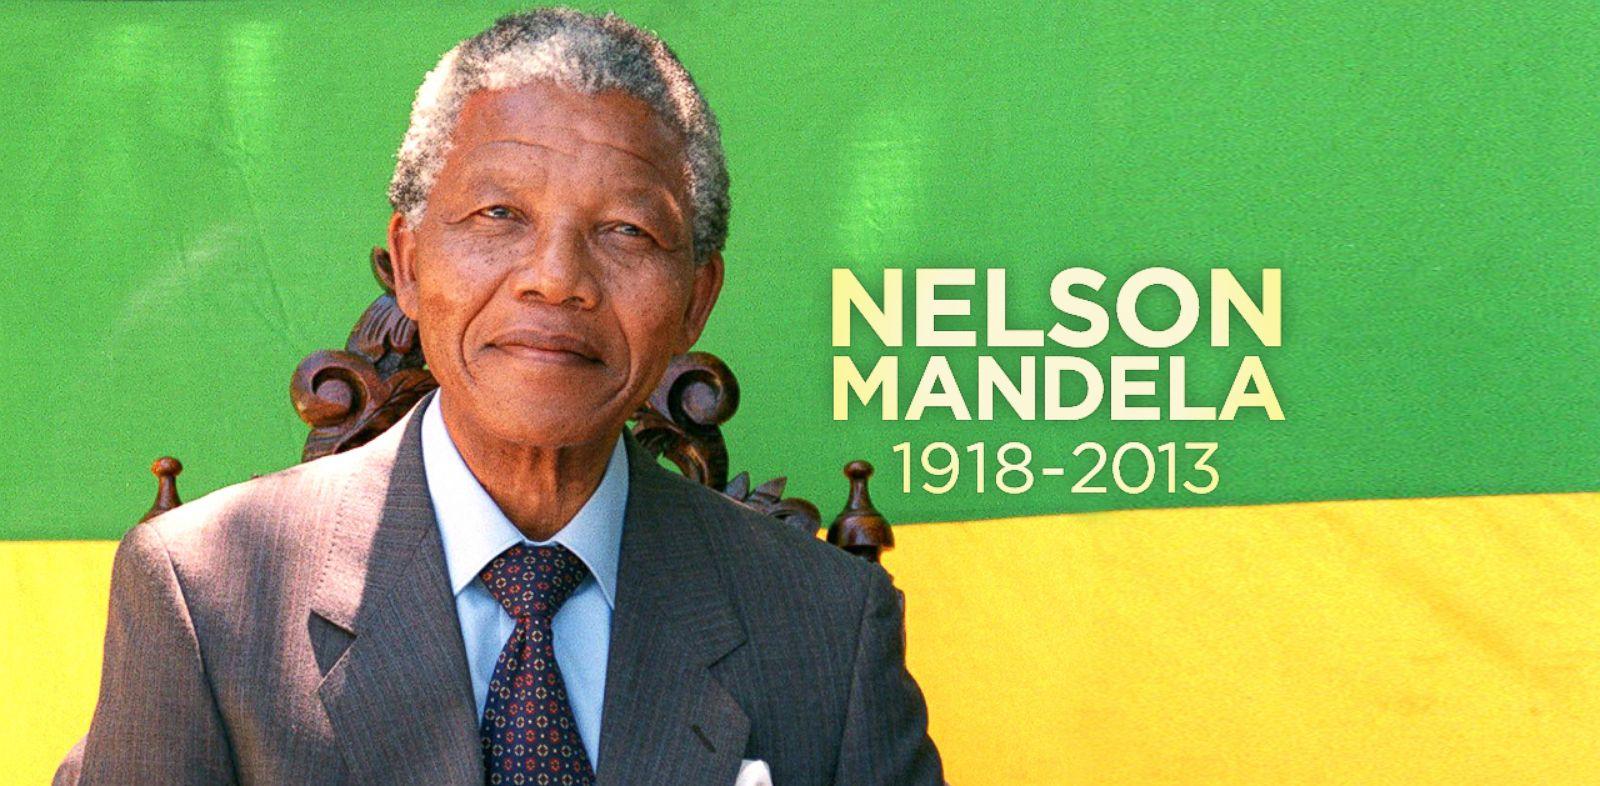 PHOTO: Nelson Mandela 1918-2013